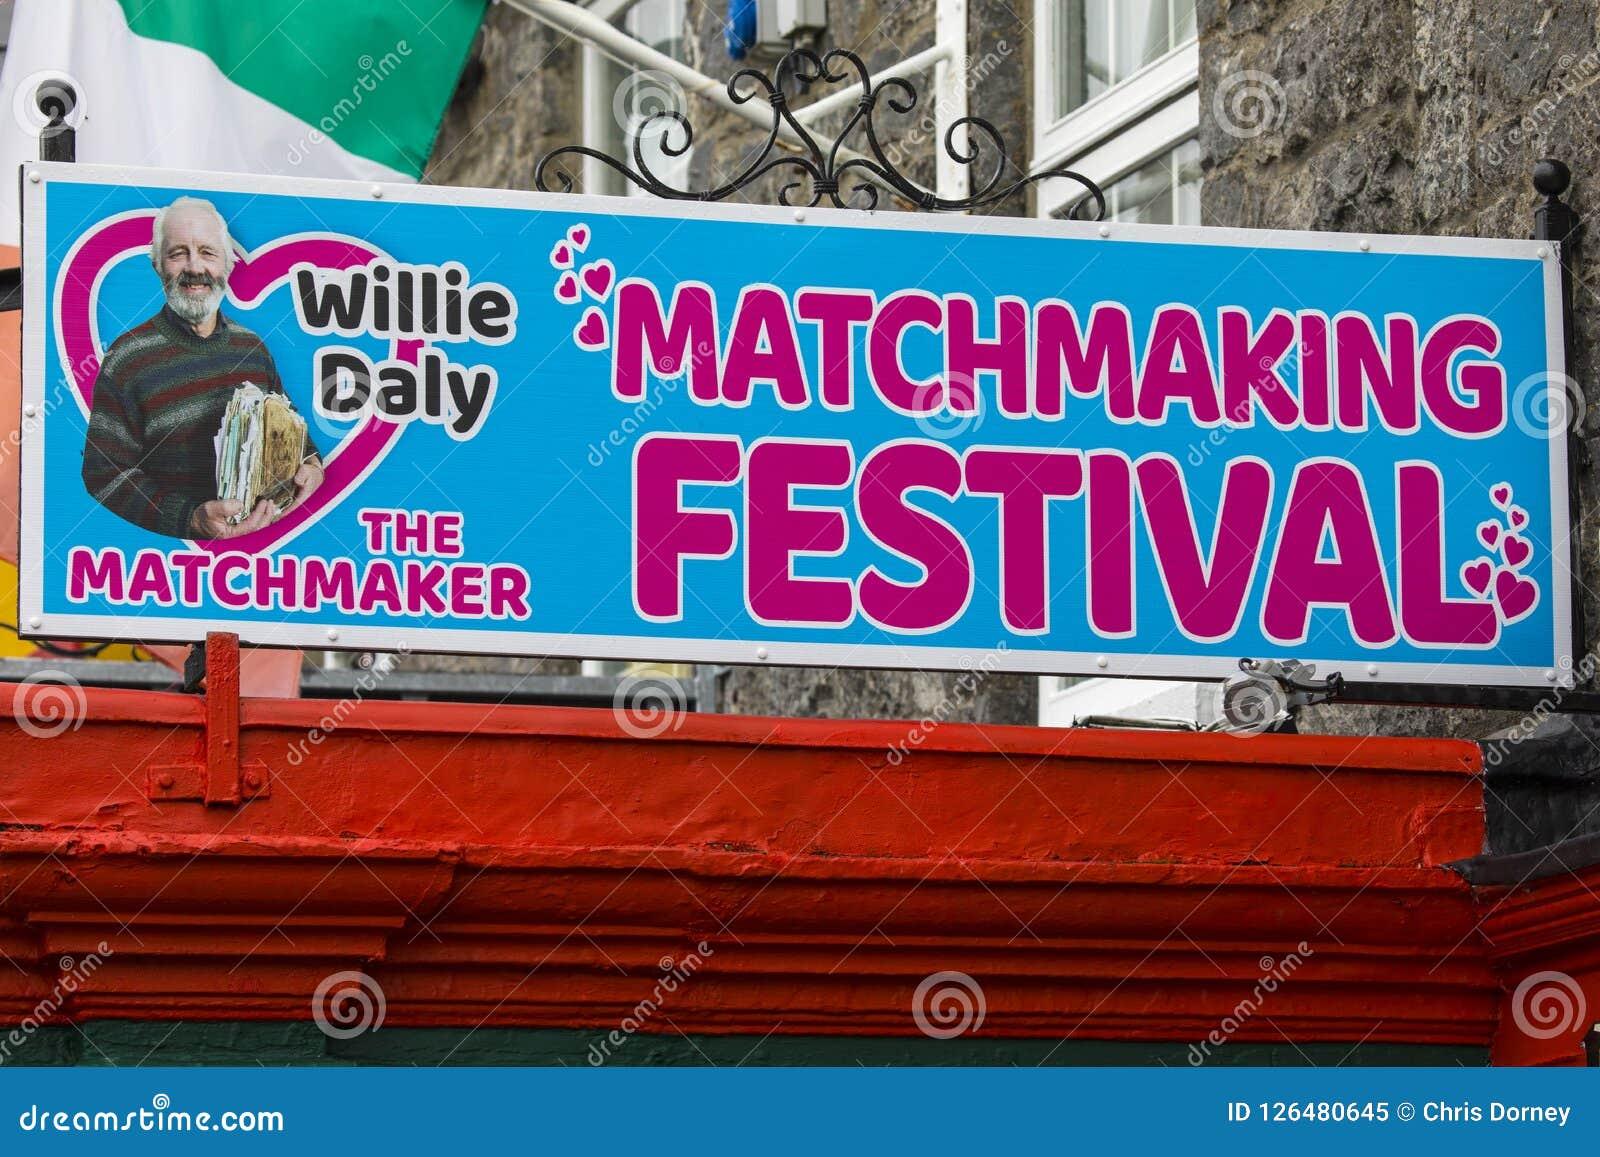 matchmaking festival lisdoonvarna 2013 webové stránky pro připojení k internetu v Kanadě